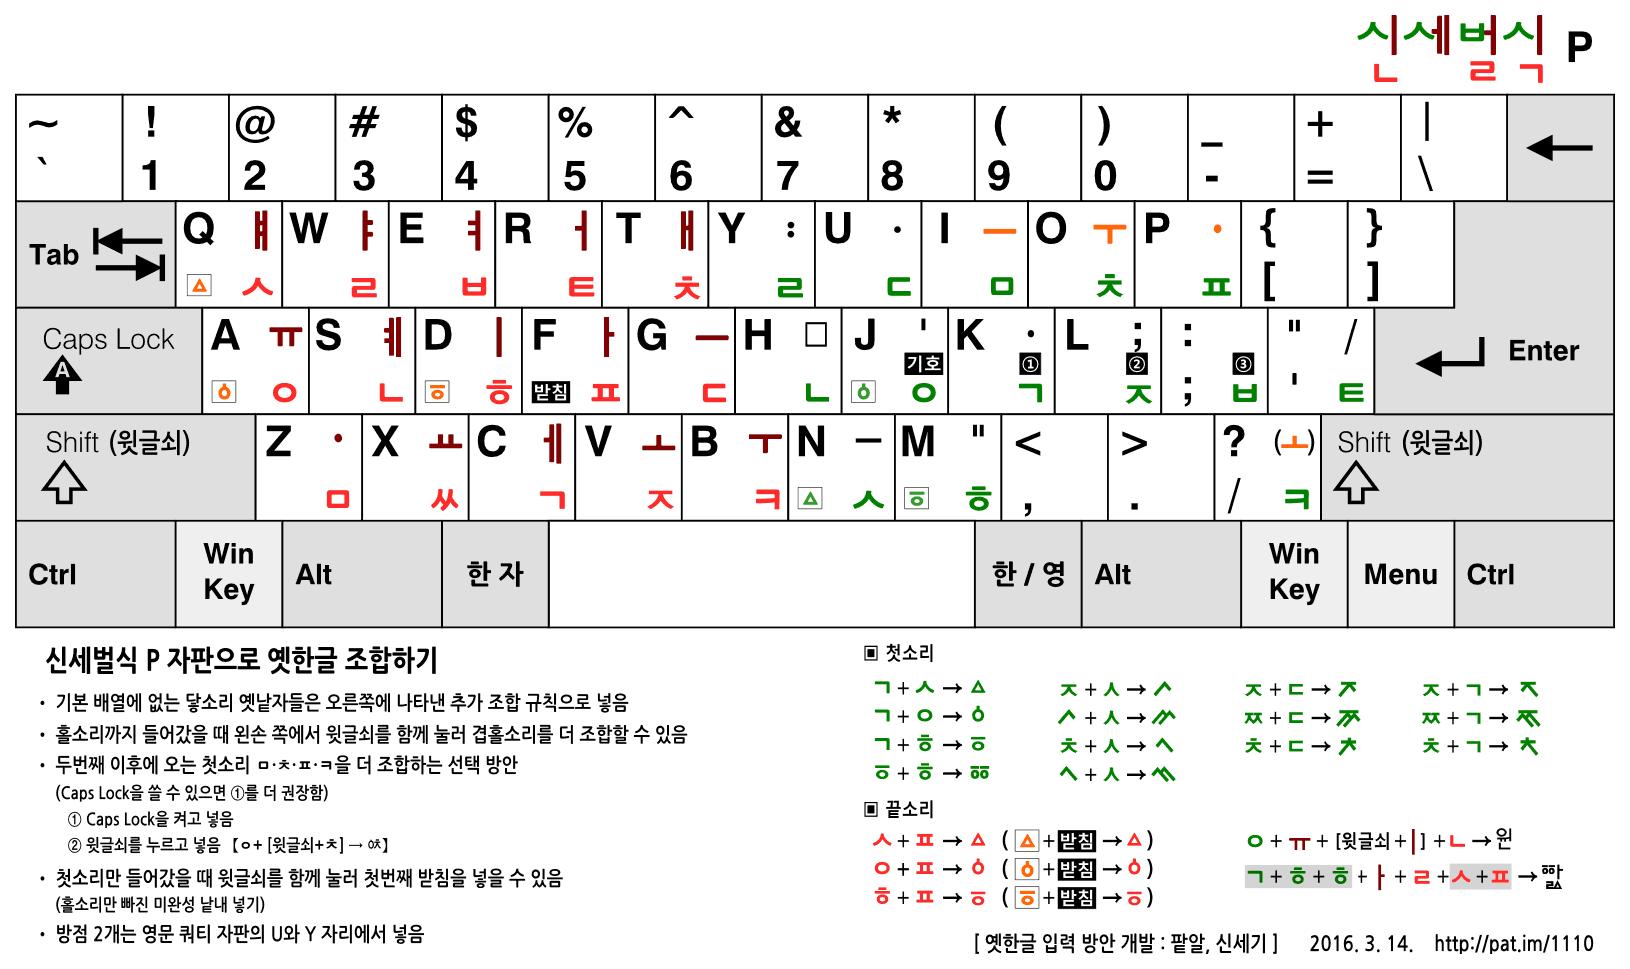 신세벌식 P 자판으로 옛한글을 조합하는 방안 (2016.3.14.)